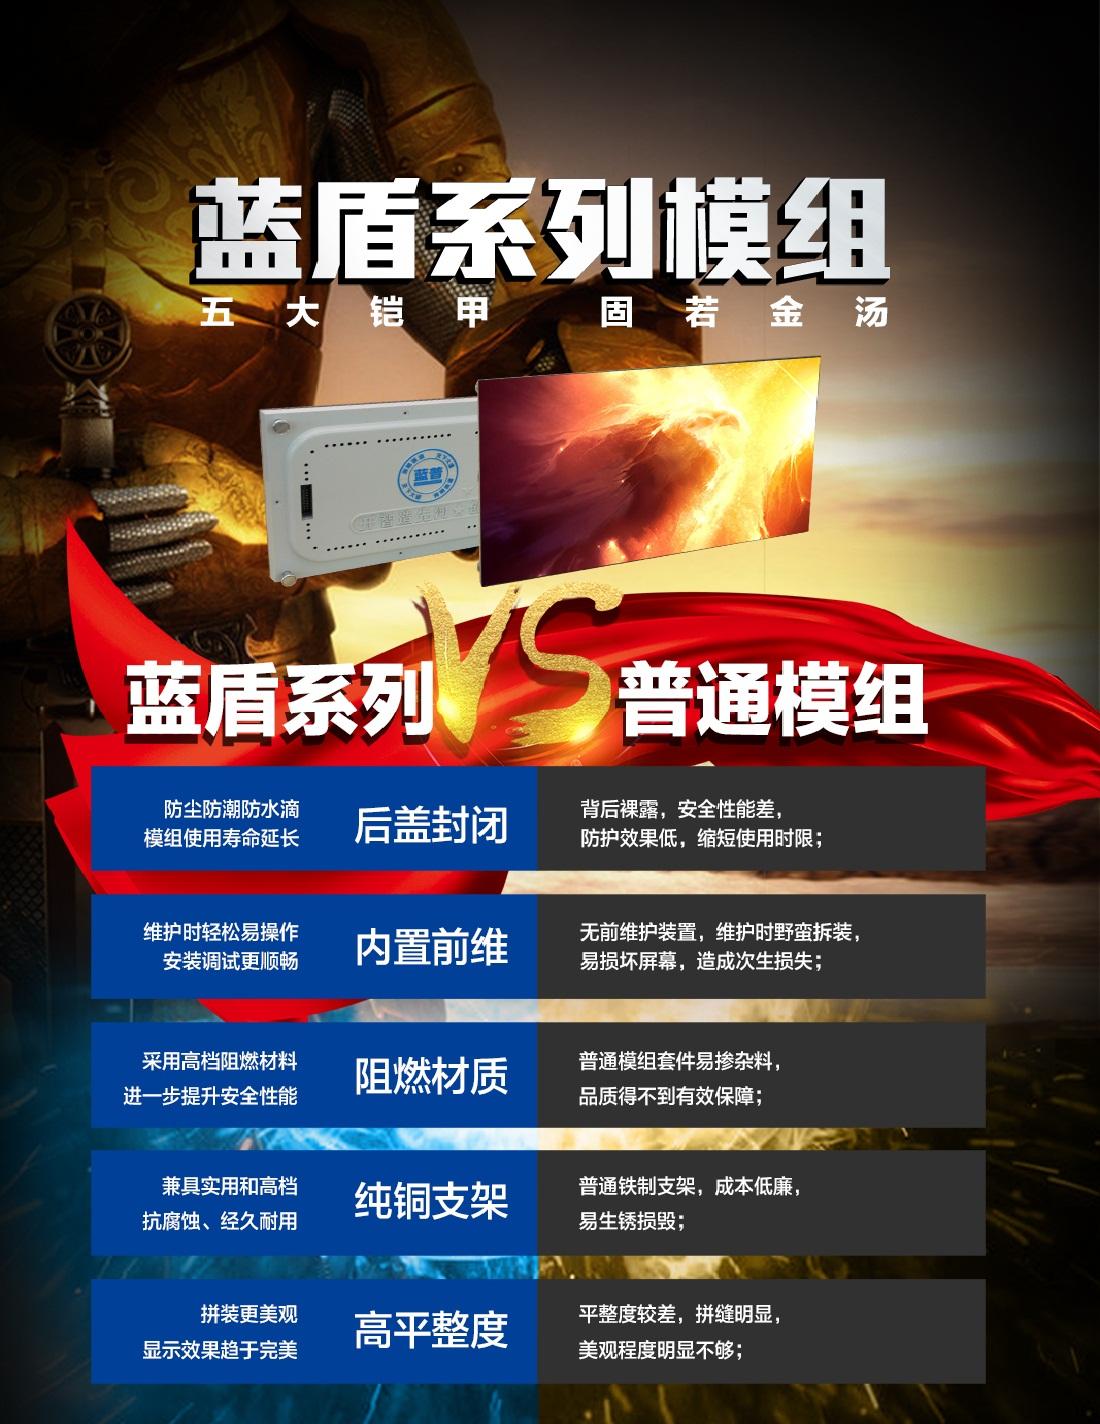 新一代顯示屏締造者——藍普科技盛裝亮相上海國際LED展